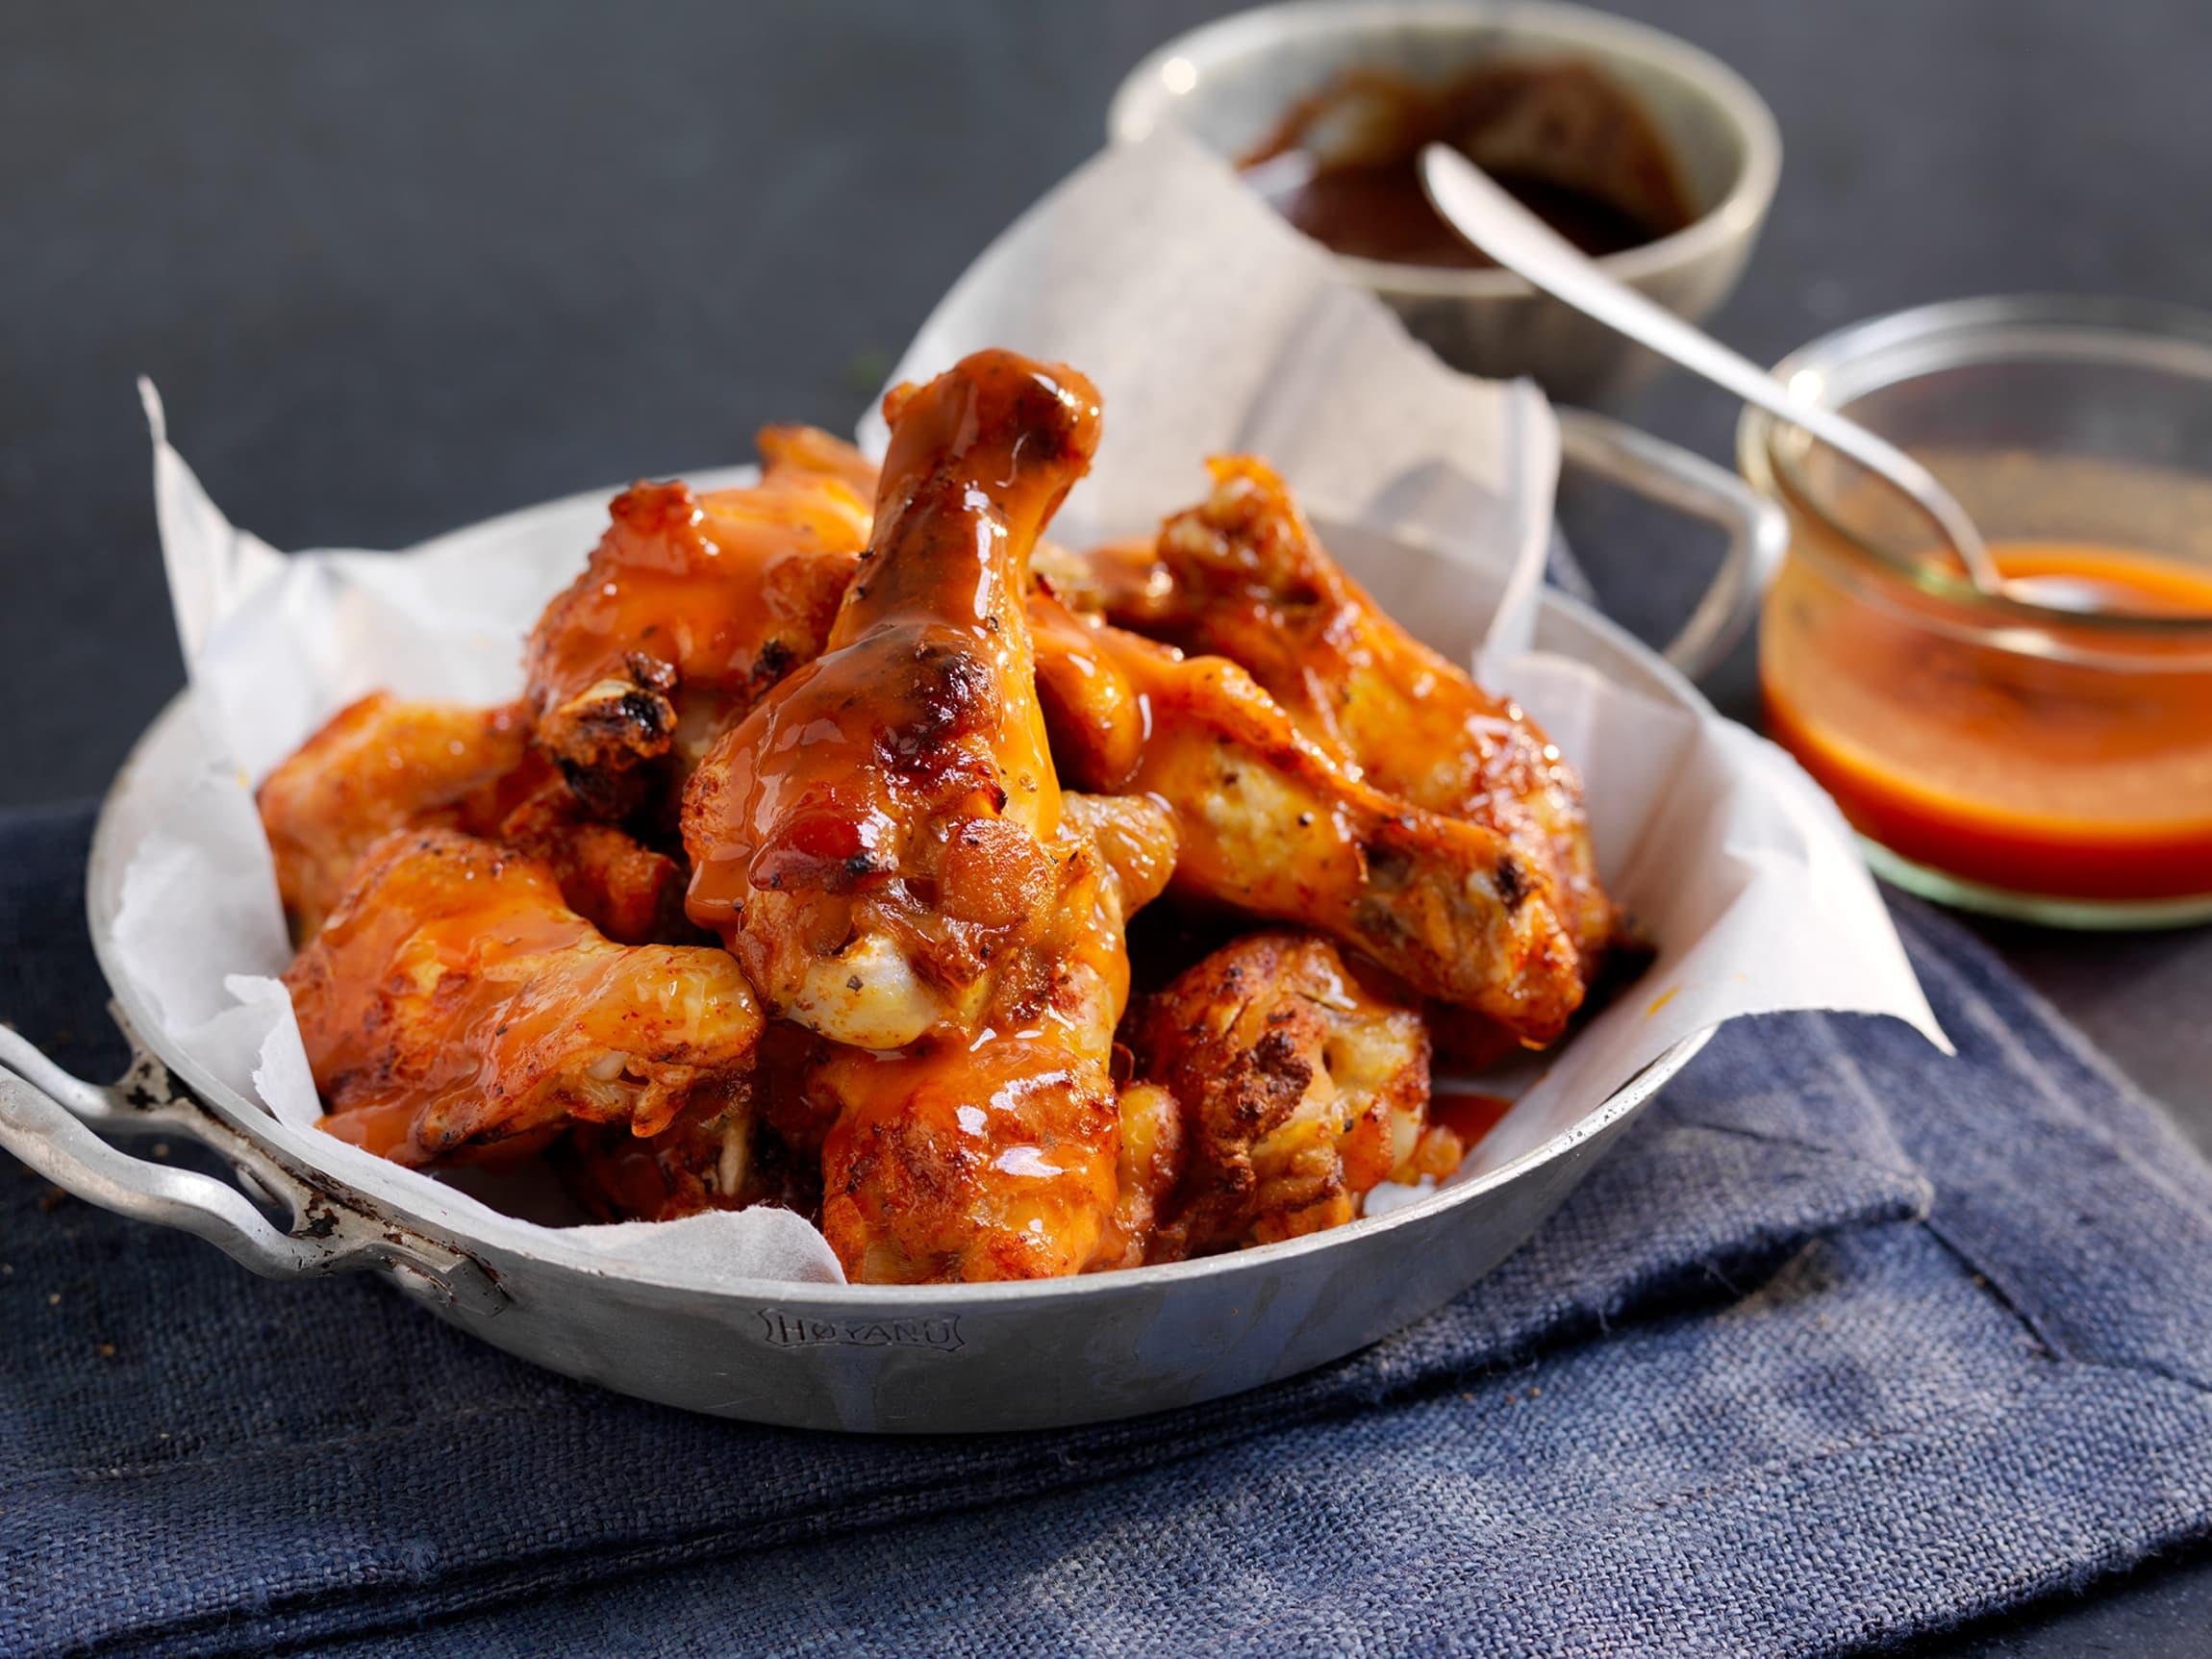 Nystekte buffalowings med valgfri Sticky Fingers-saus er skikkelig digg sommermat. Server med coleslaw, salat og en spicy saus!